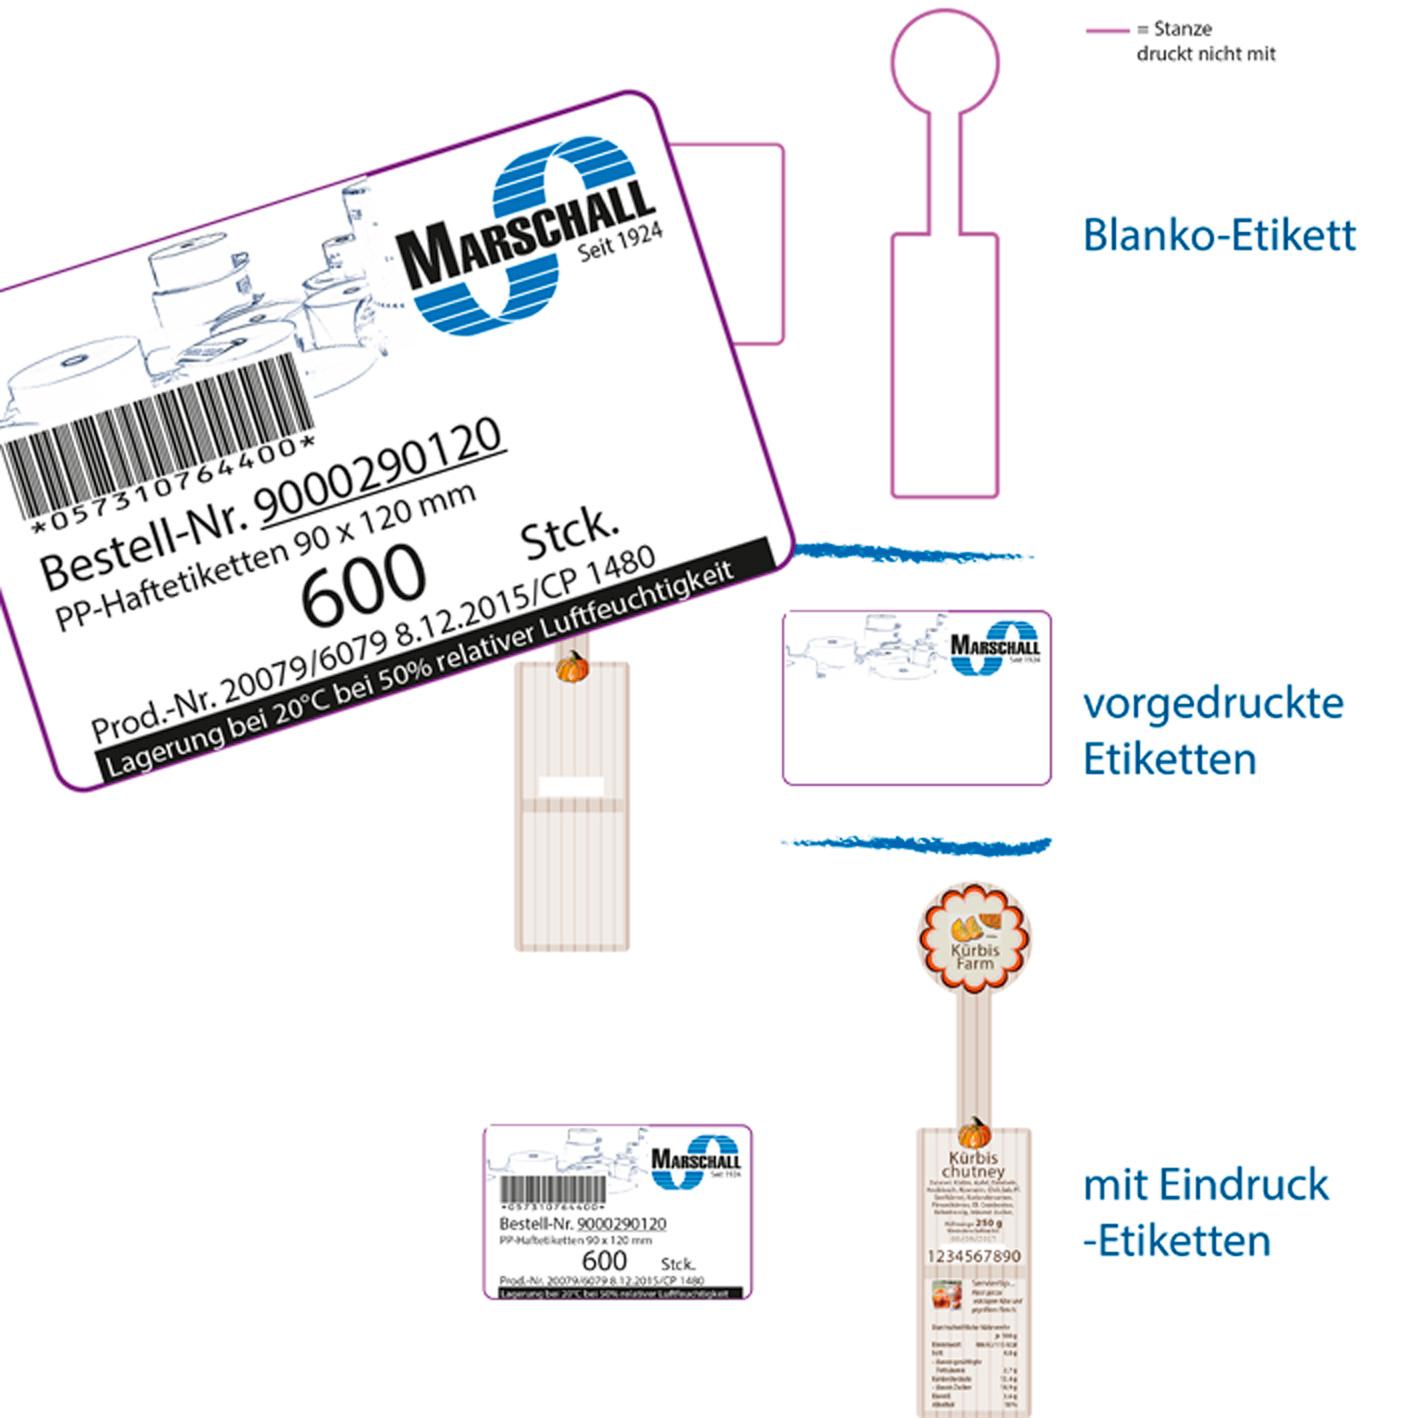 Drucksystem-Lohndruck-6a7fee